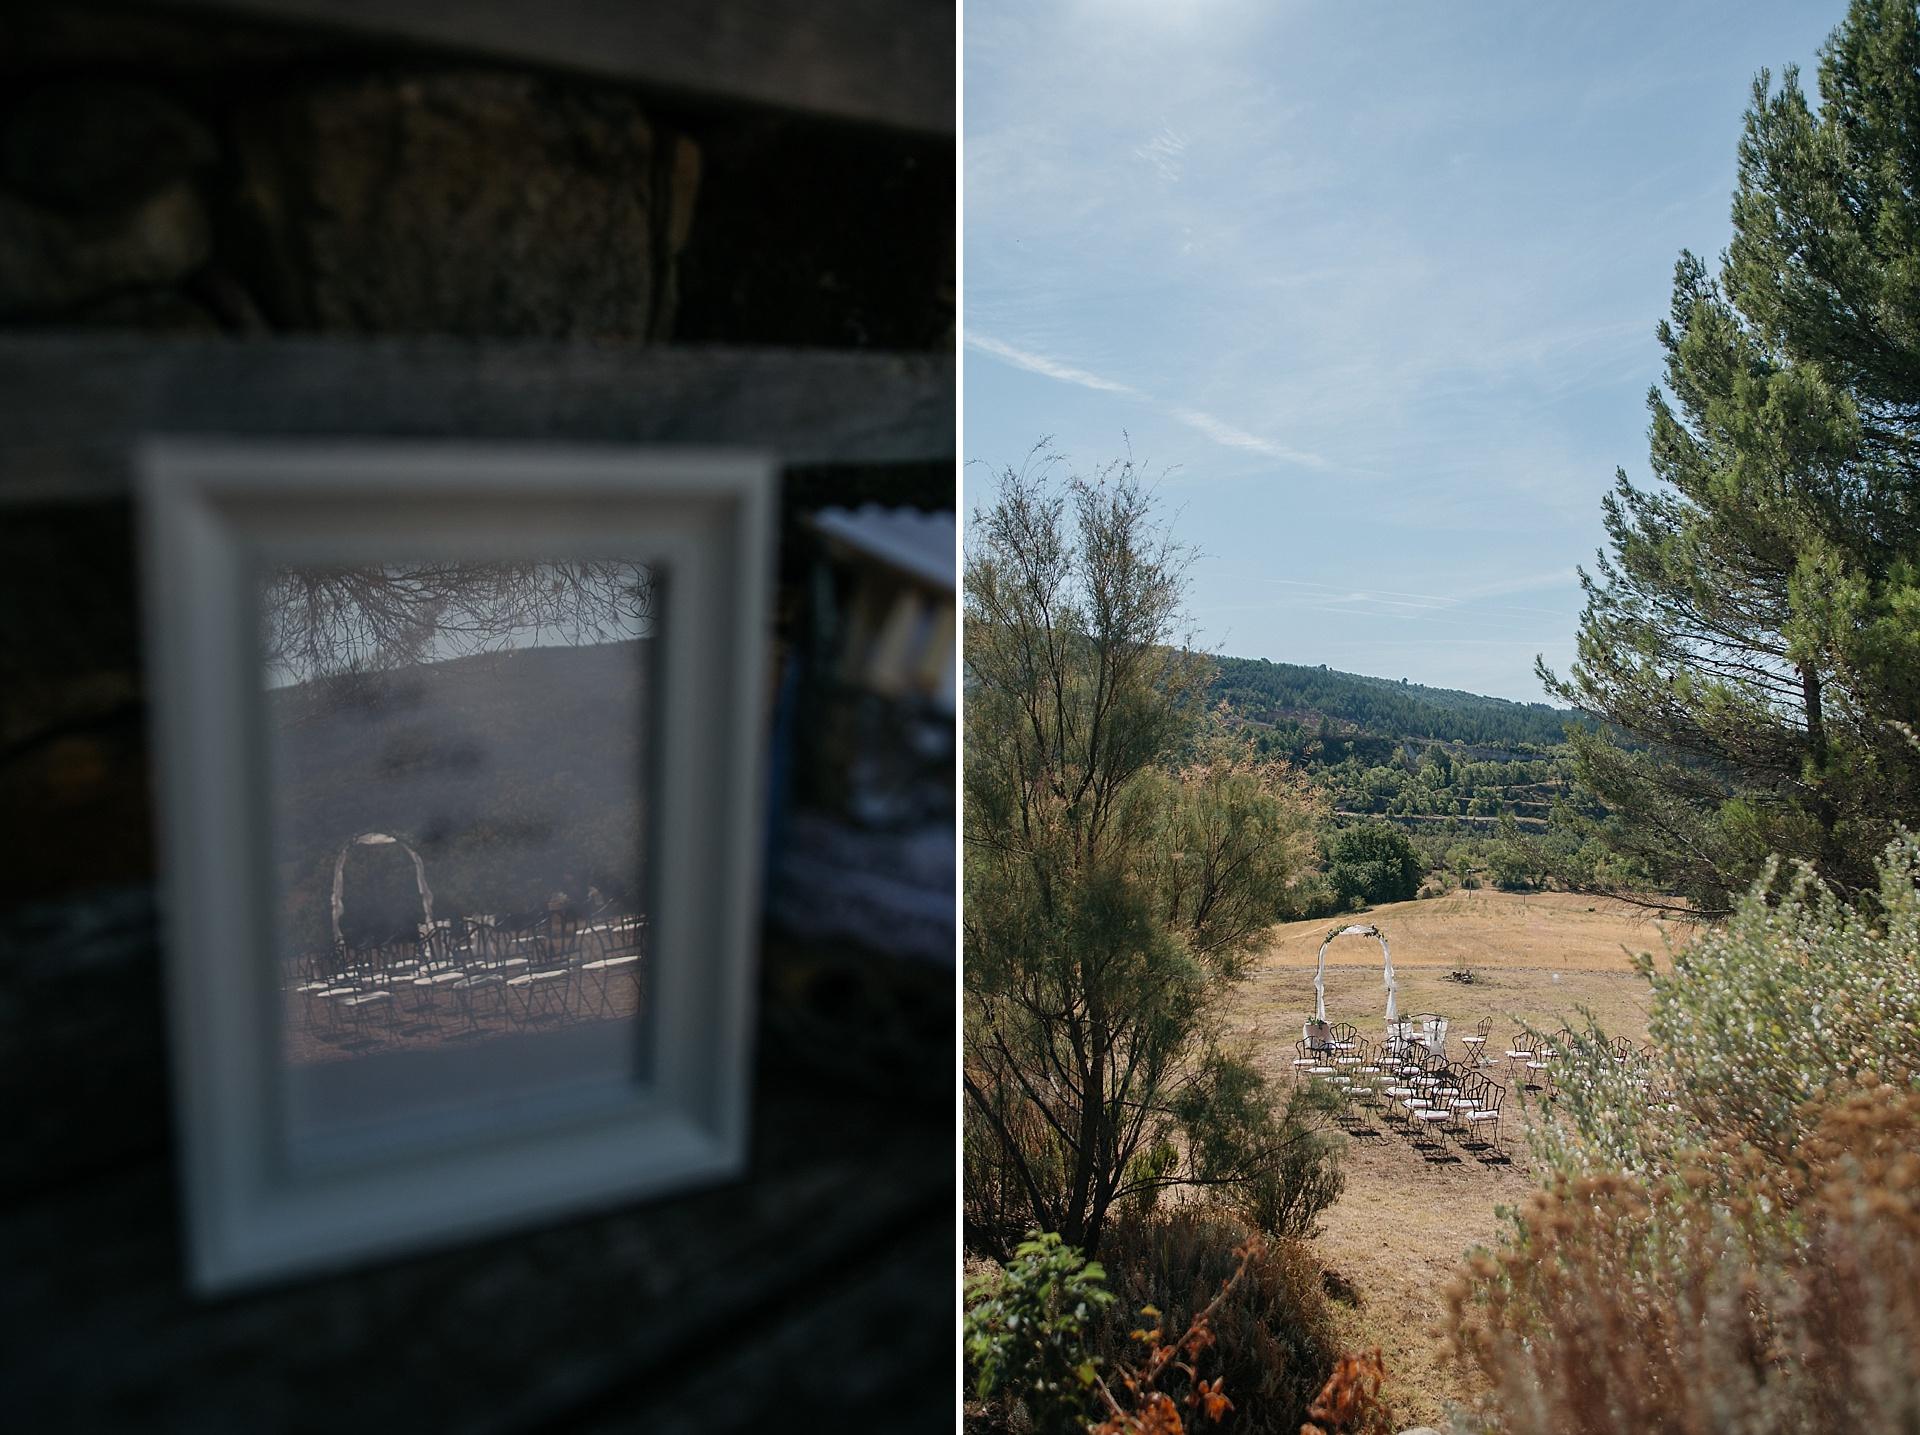 Traumhafte Hochzeit in der Provence. Freie Trauung mit wunderschönen Blick auf die Berge.